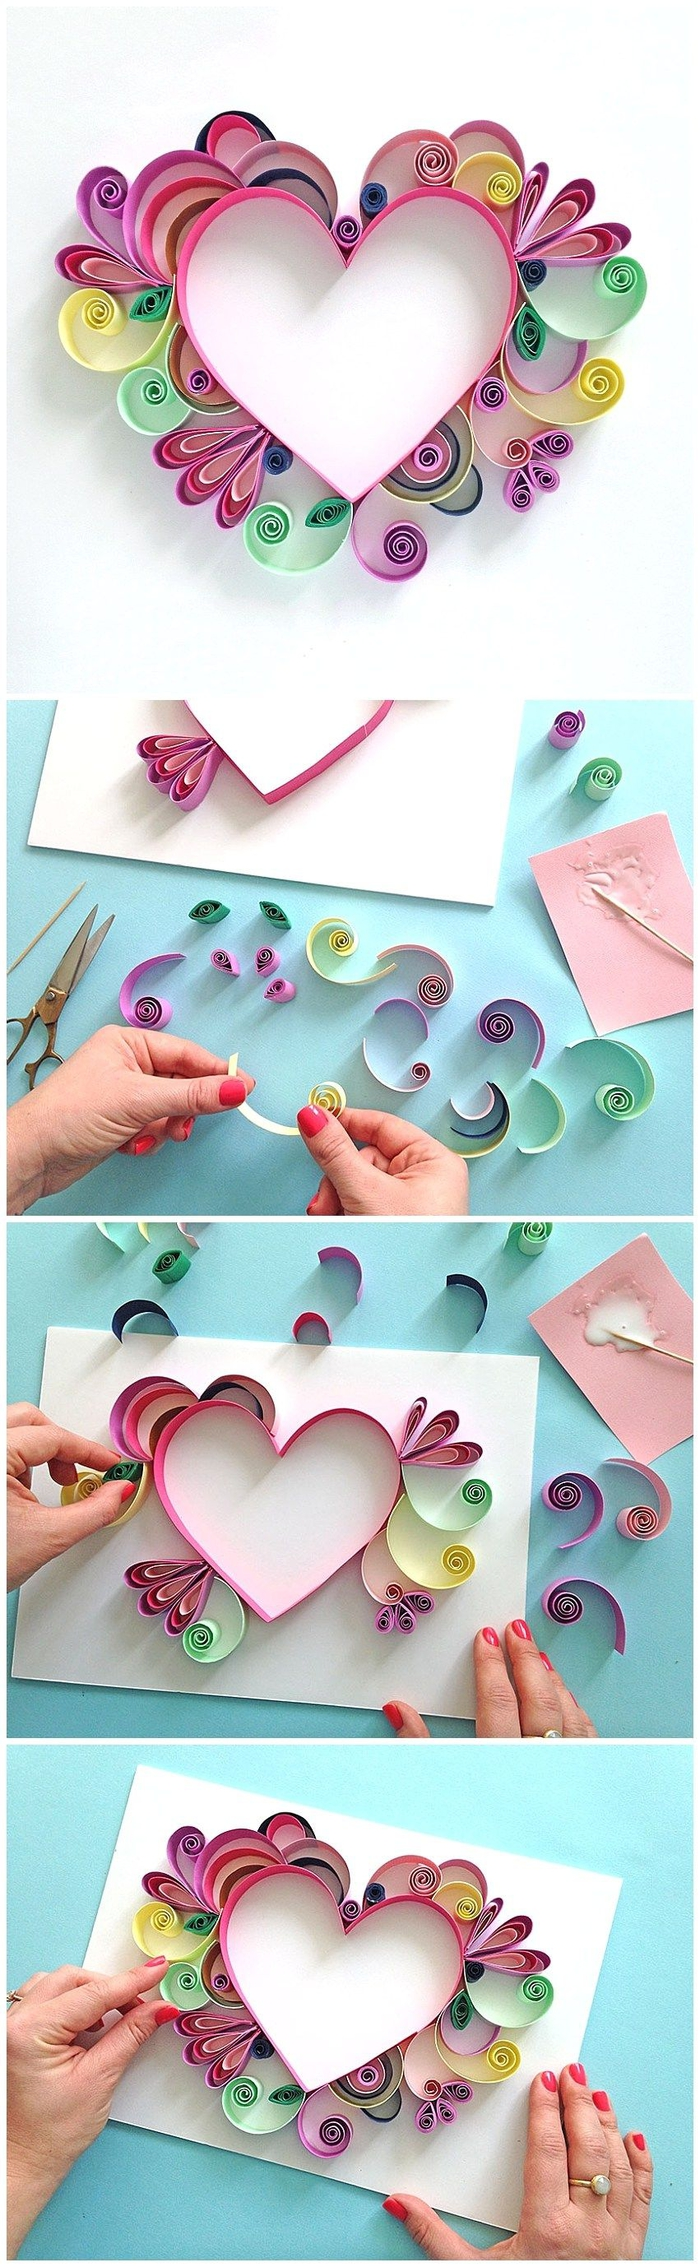 jolie carte de voeux personnalisée pour la fête des mères décorée avec un coeur en quilling, activite fete des meres pour créer une carte hors du commun